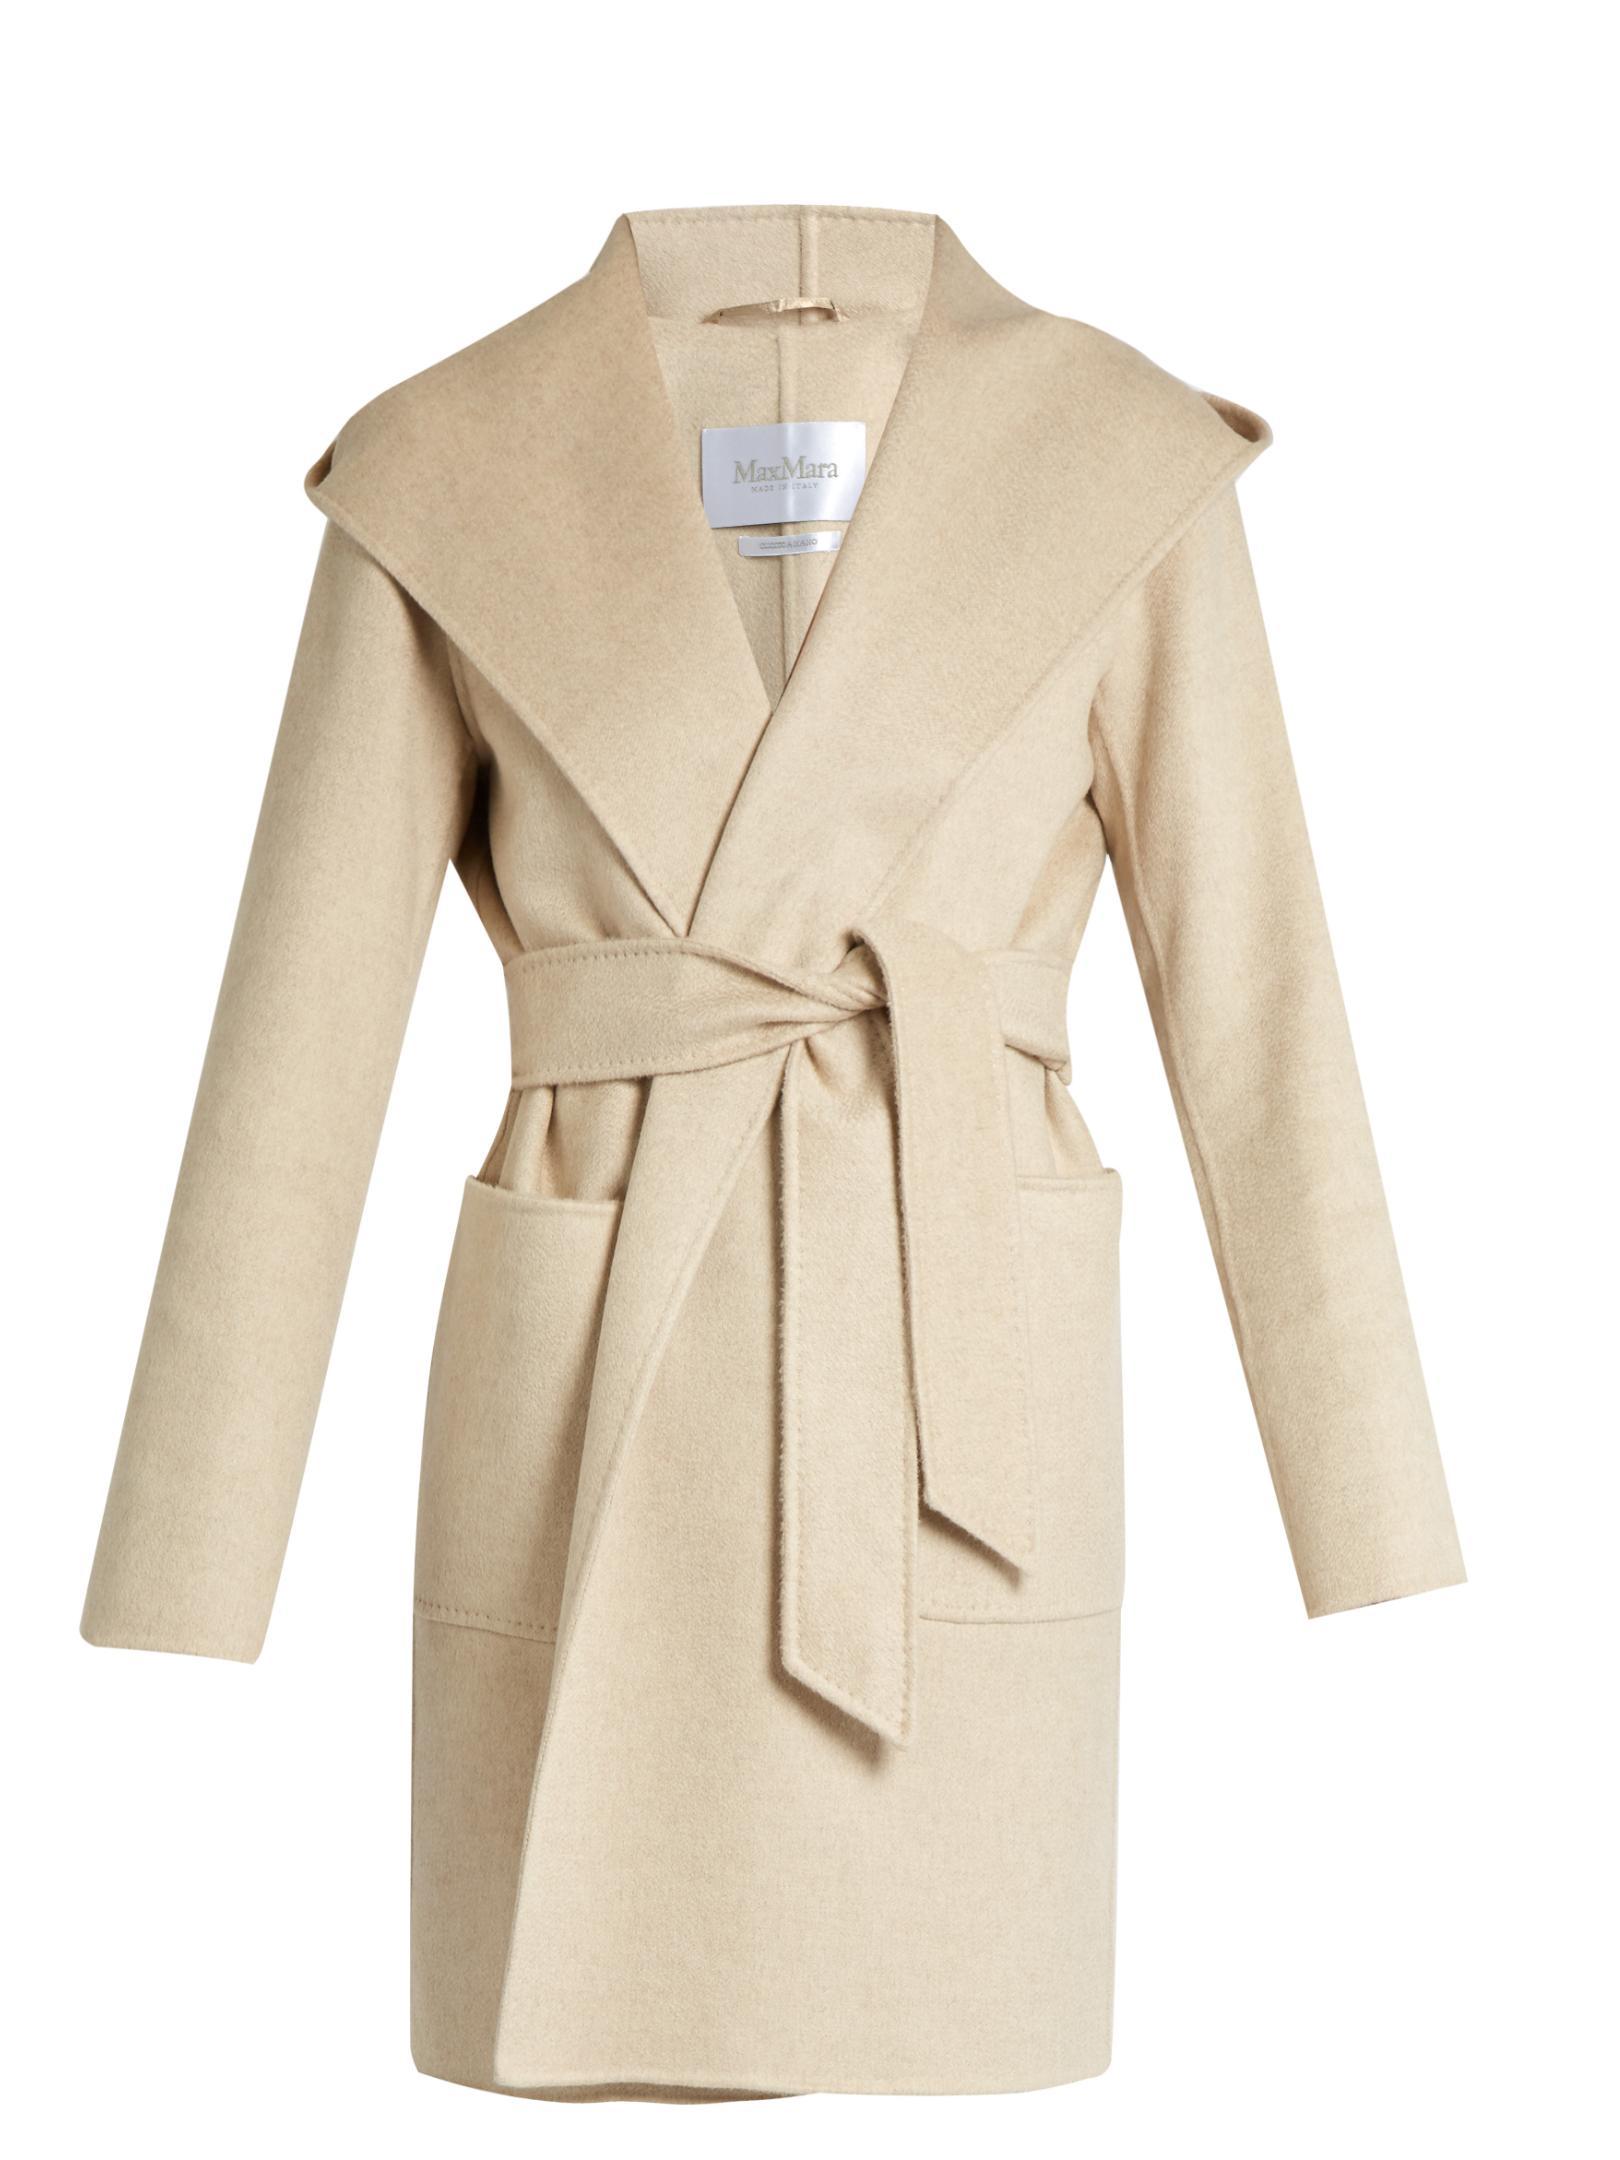 max mara fata coat in natural lyst. Black Bedroom Furniture Sets. Home Design Ideas